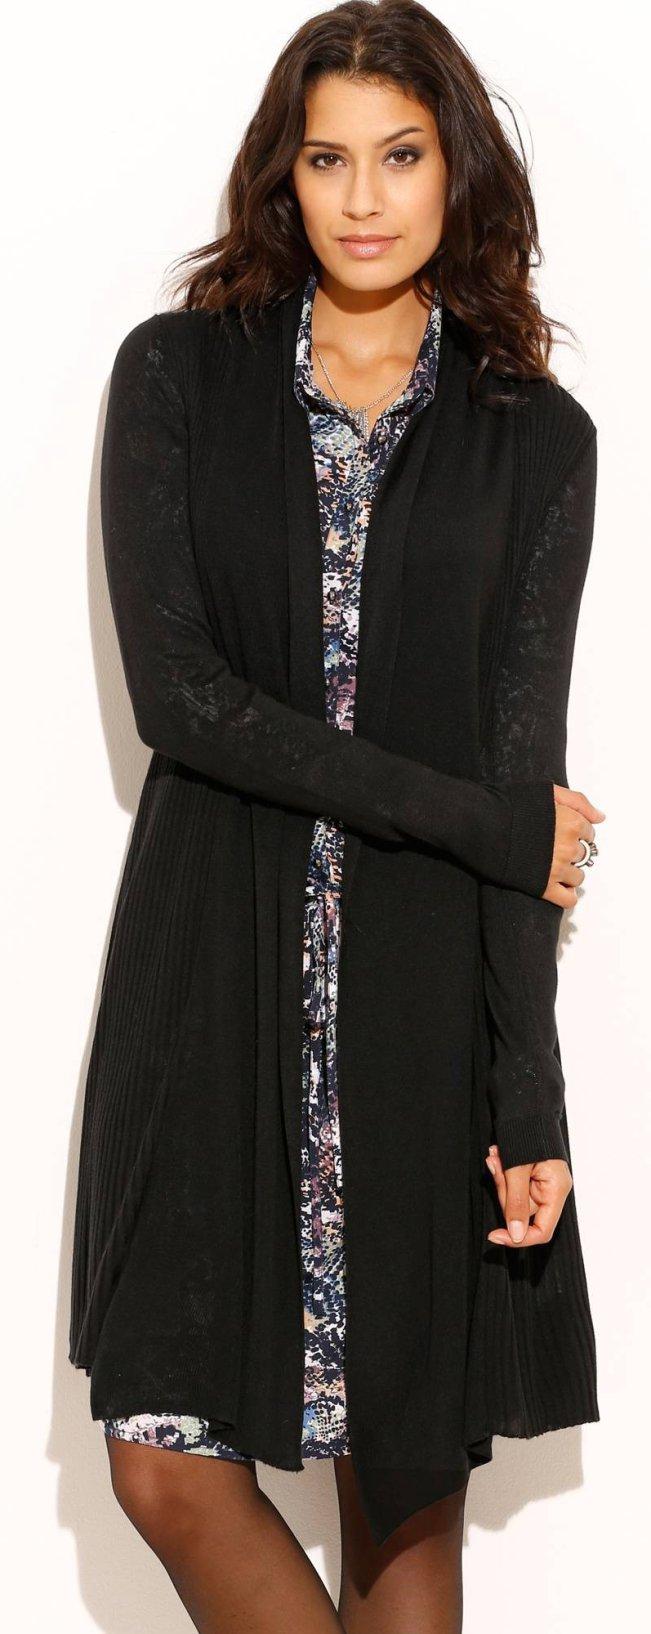 Gilet long noir femme: c'est mon atout contre le froid